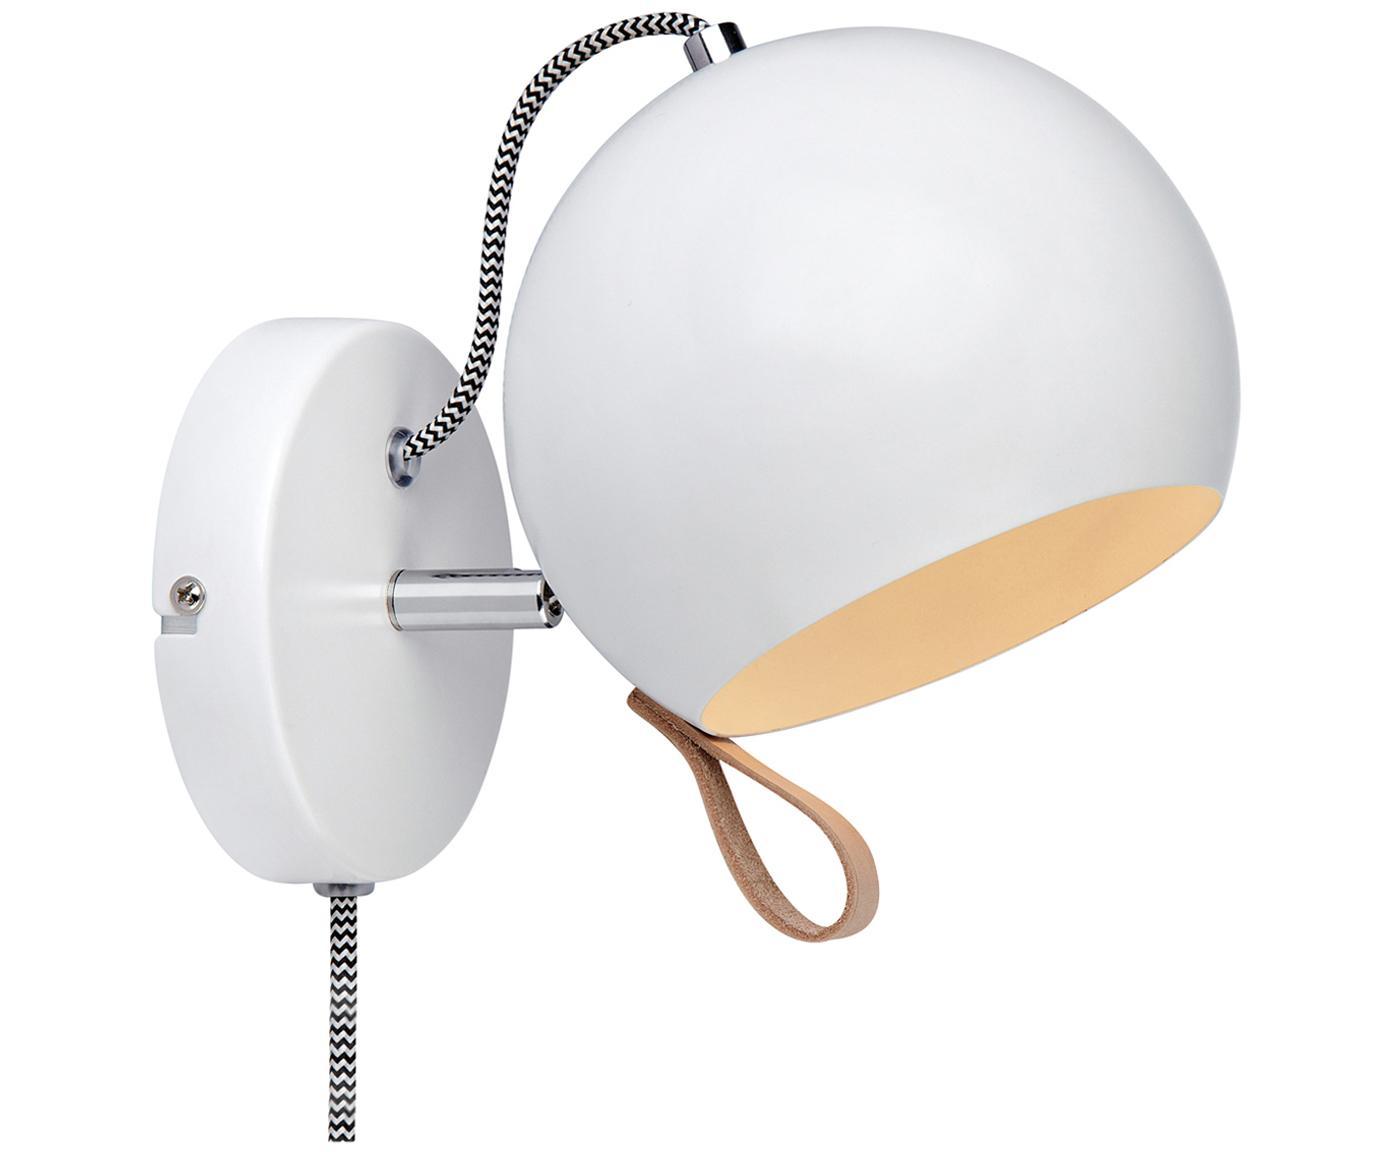 Kinkiet z wtyczką Ball, Lampa wewnątrz i na zewnątrz: biały Kabel: czarny, biały Pętla: brązowy, S 21 x W 19 cm